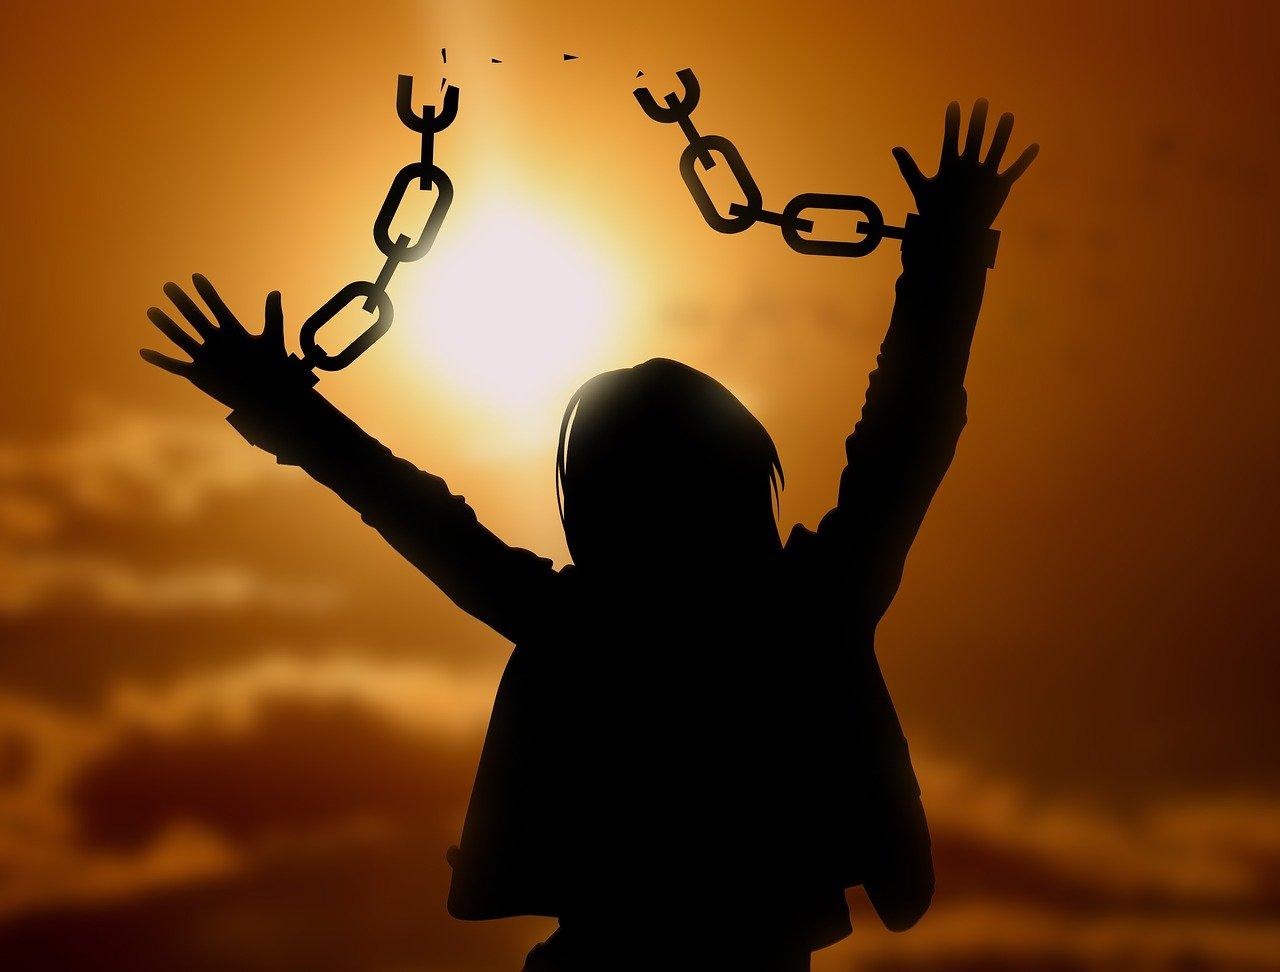 Картинка о свободе